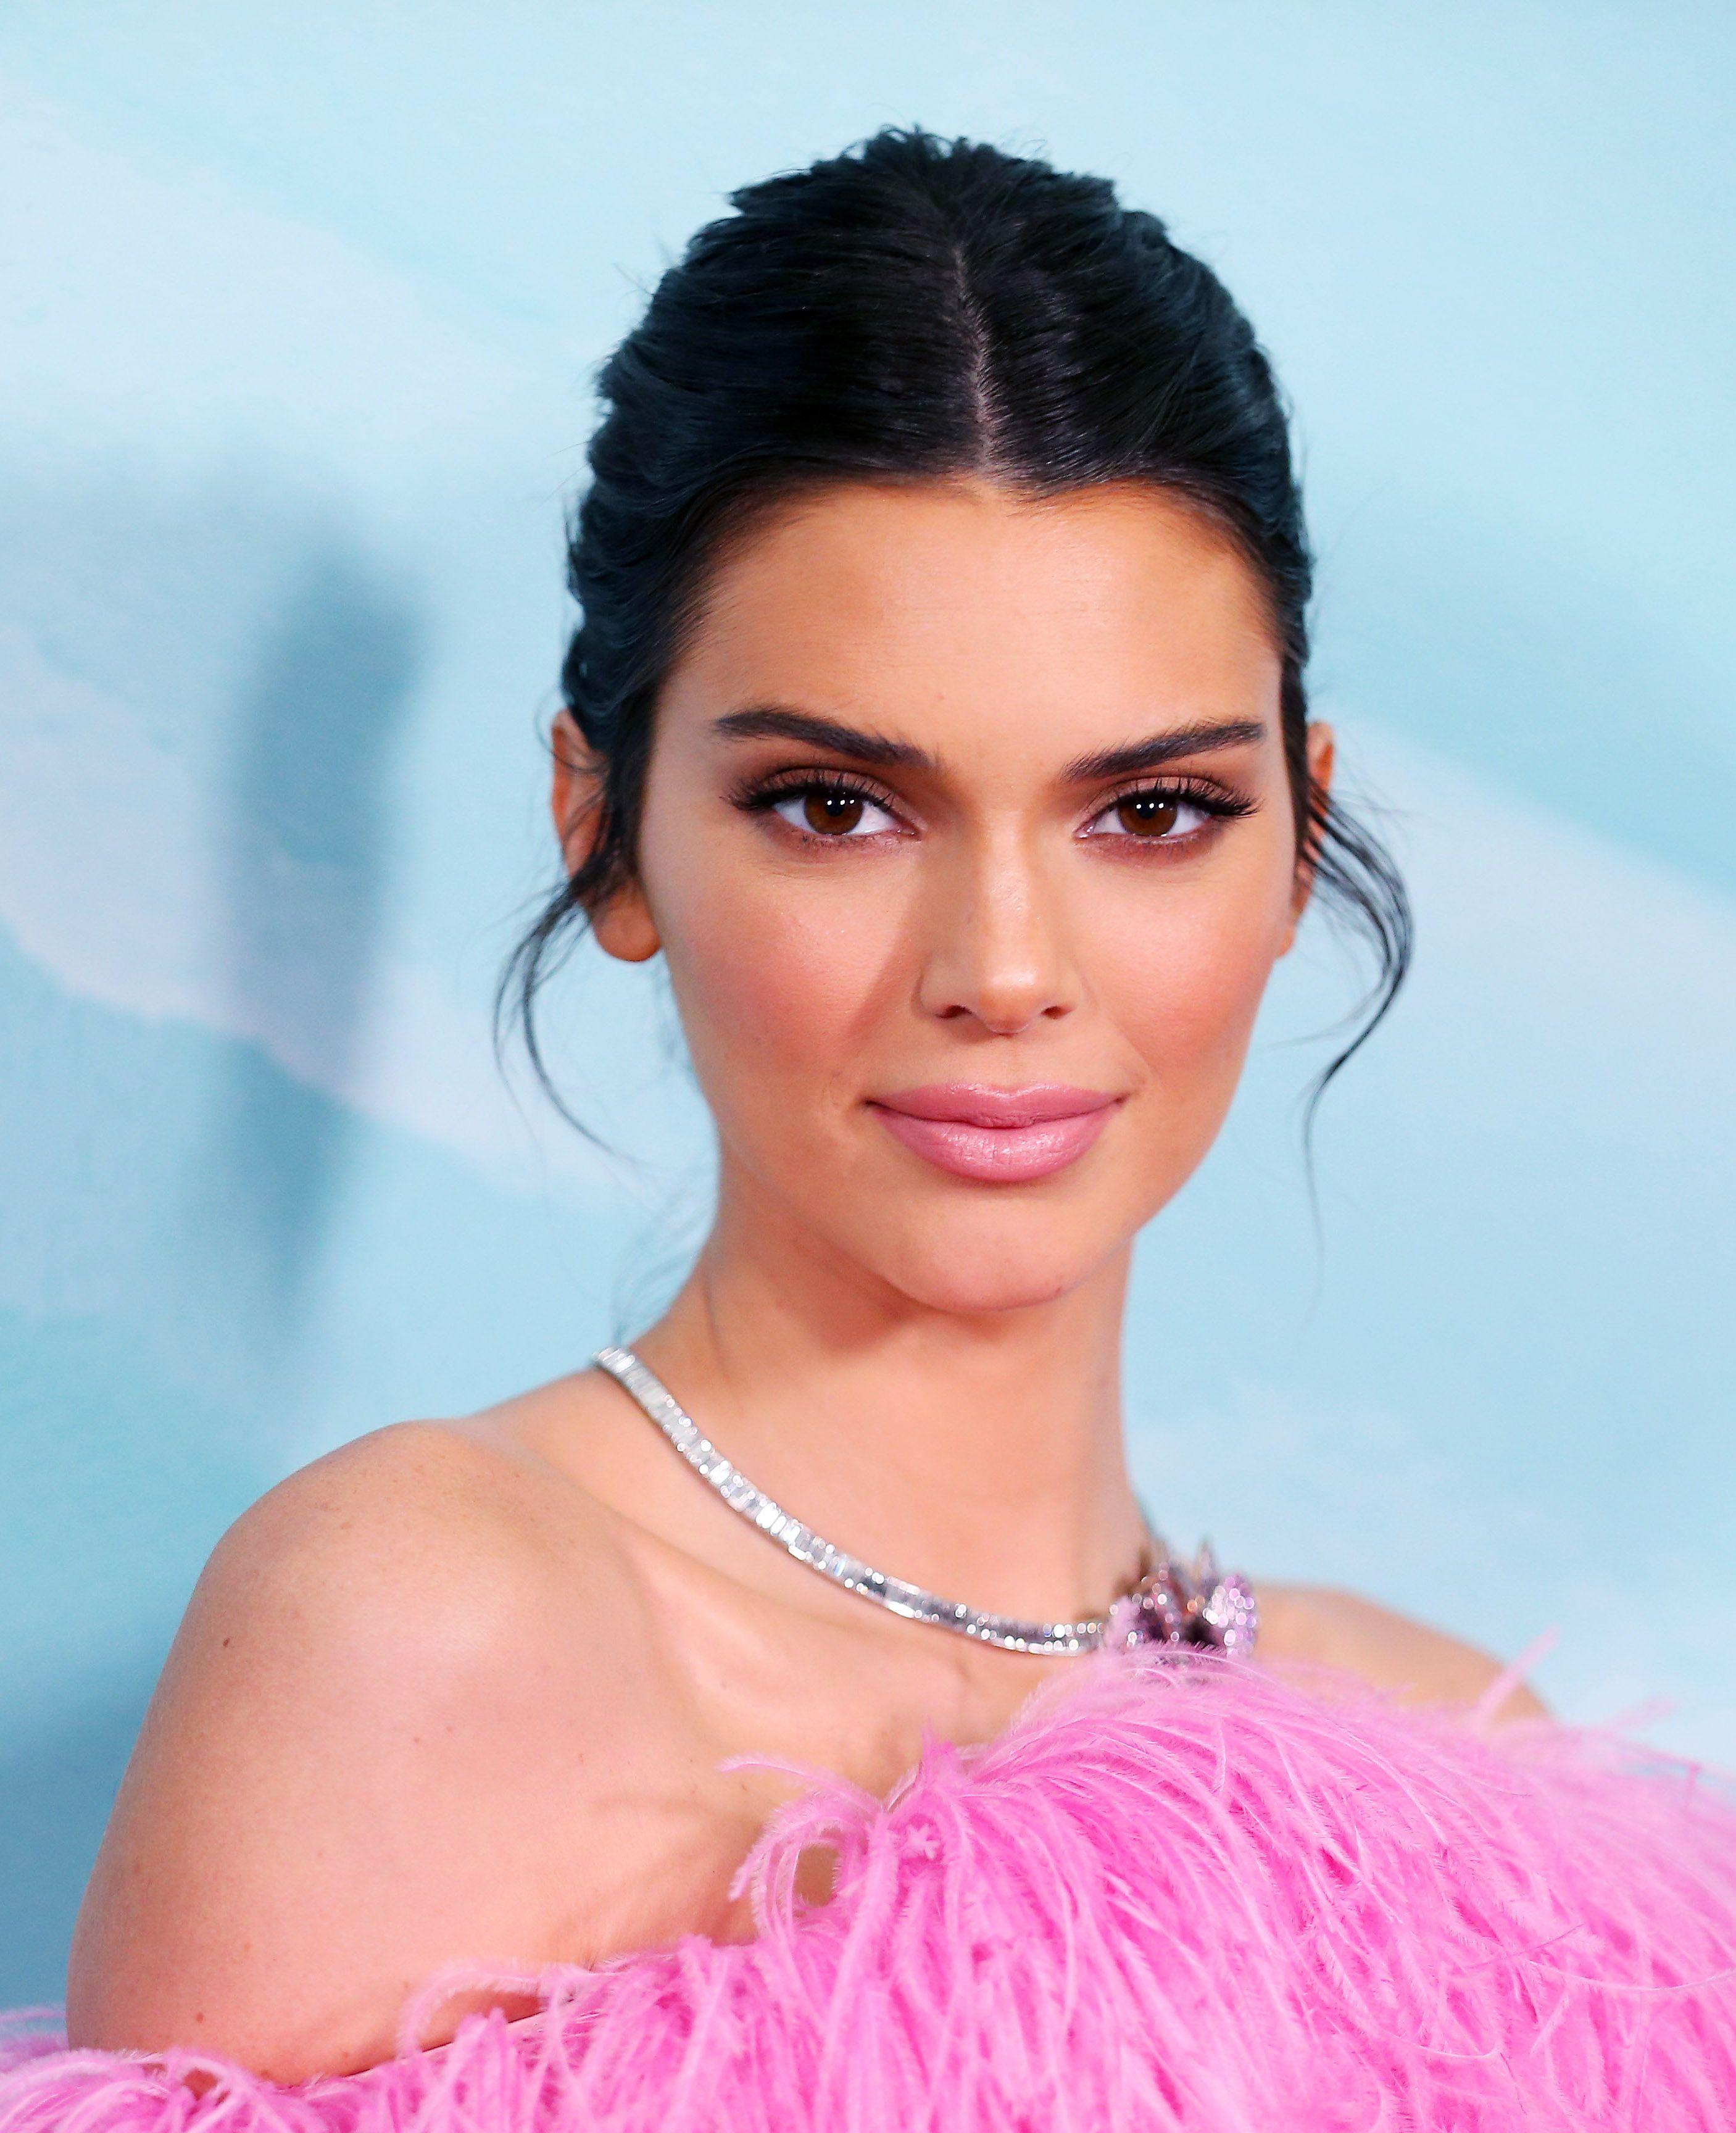 Wait, Kendall Jenner has a full fringe now?